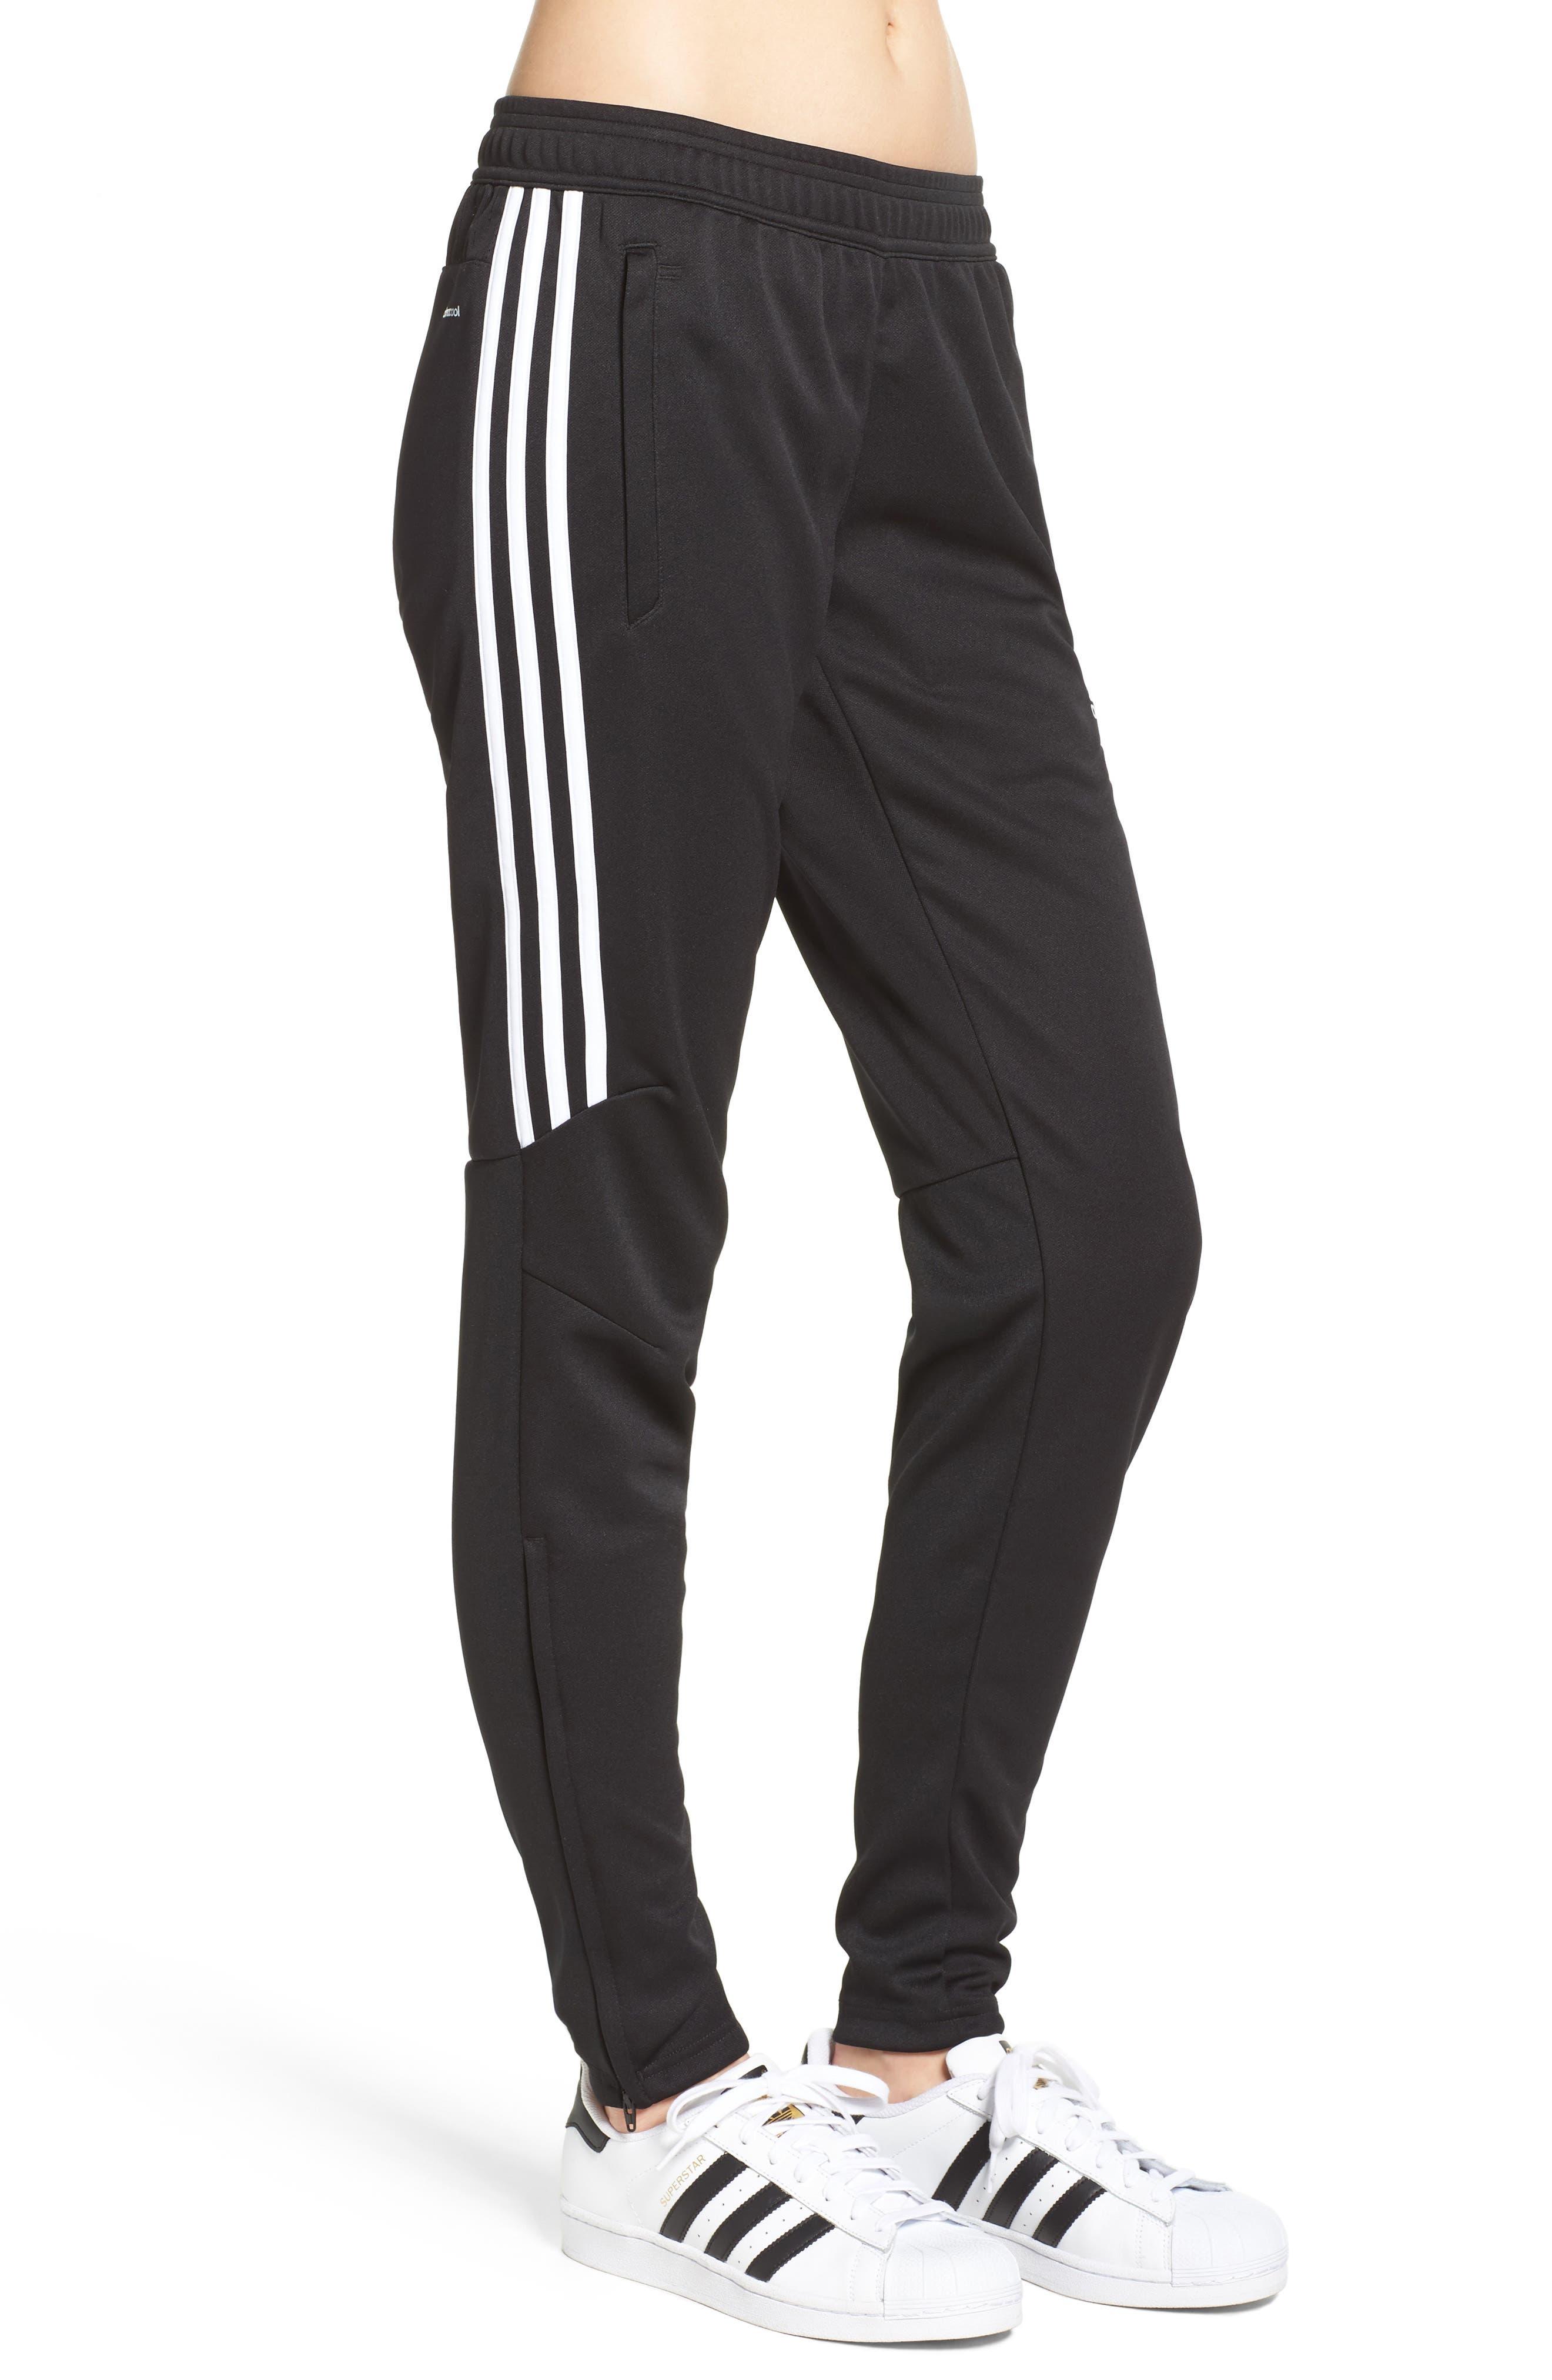 Tiro 17 Training Pants,                             Alternate thumbnail 3, color,                             BLACK/ WHITE/ WHITE